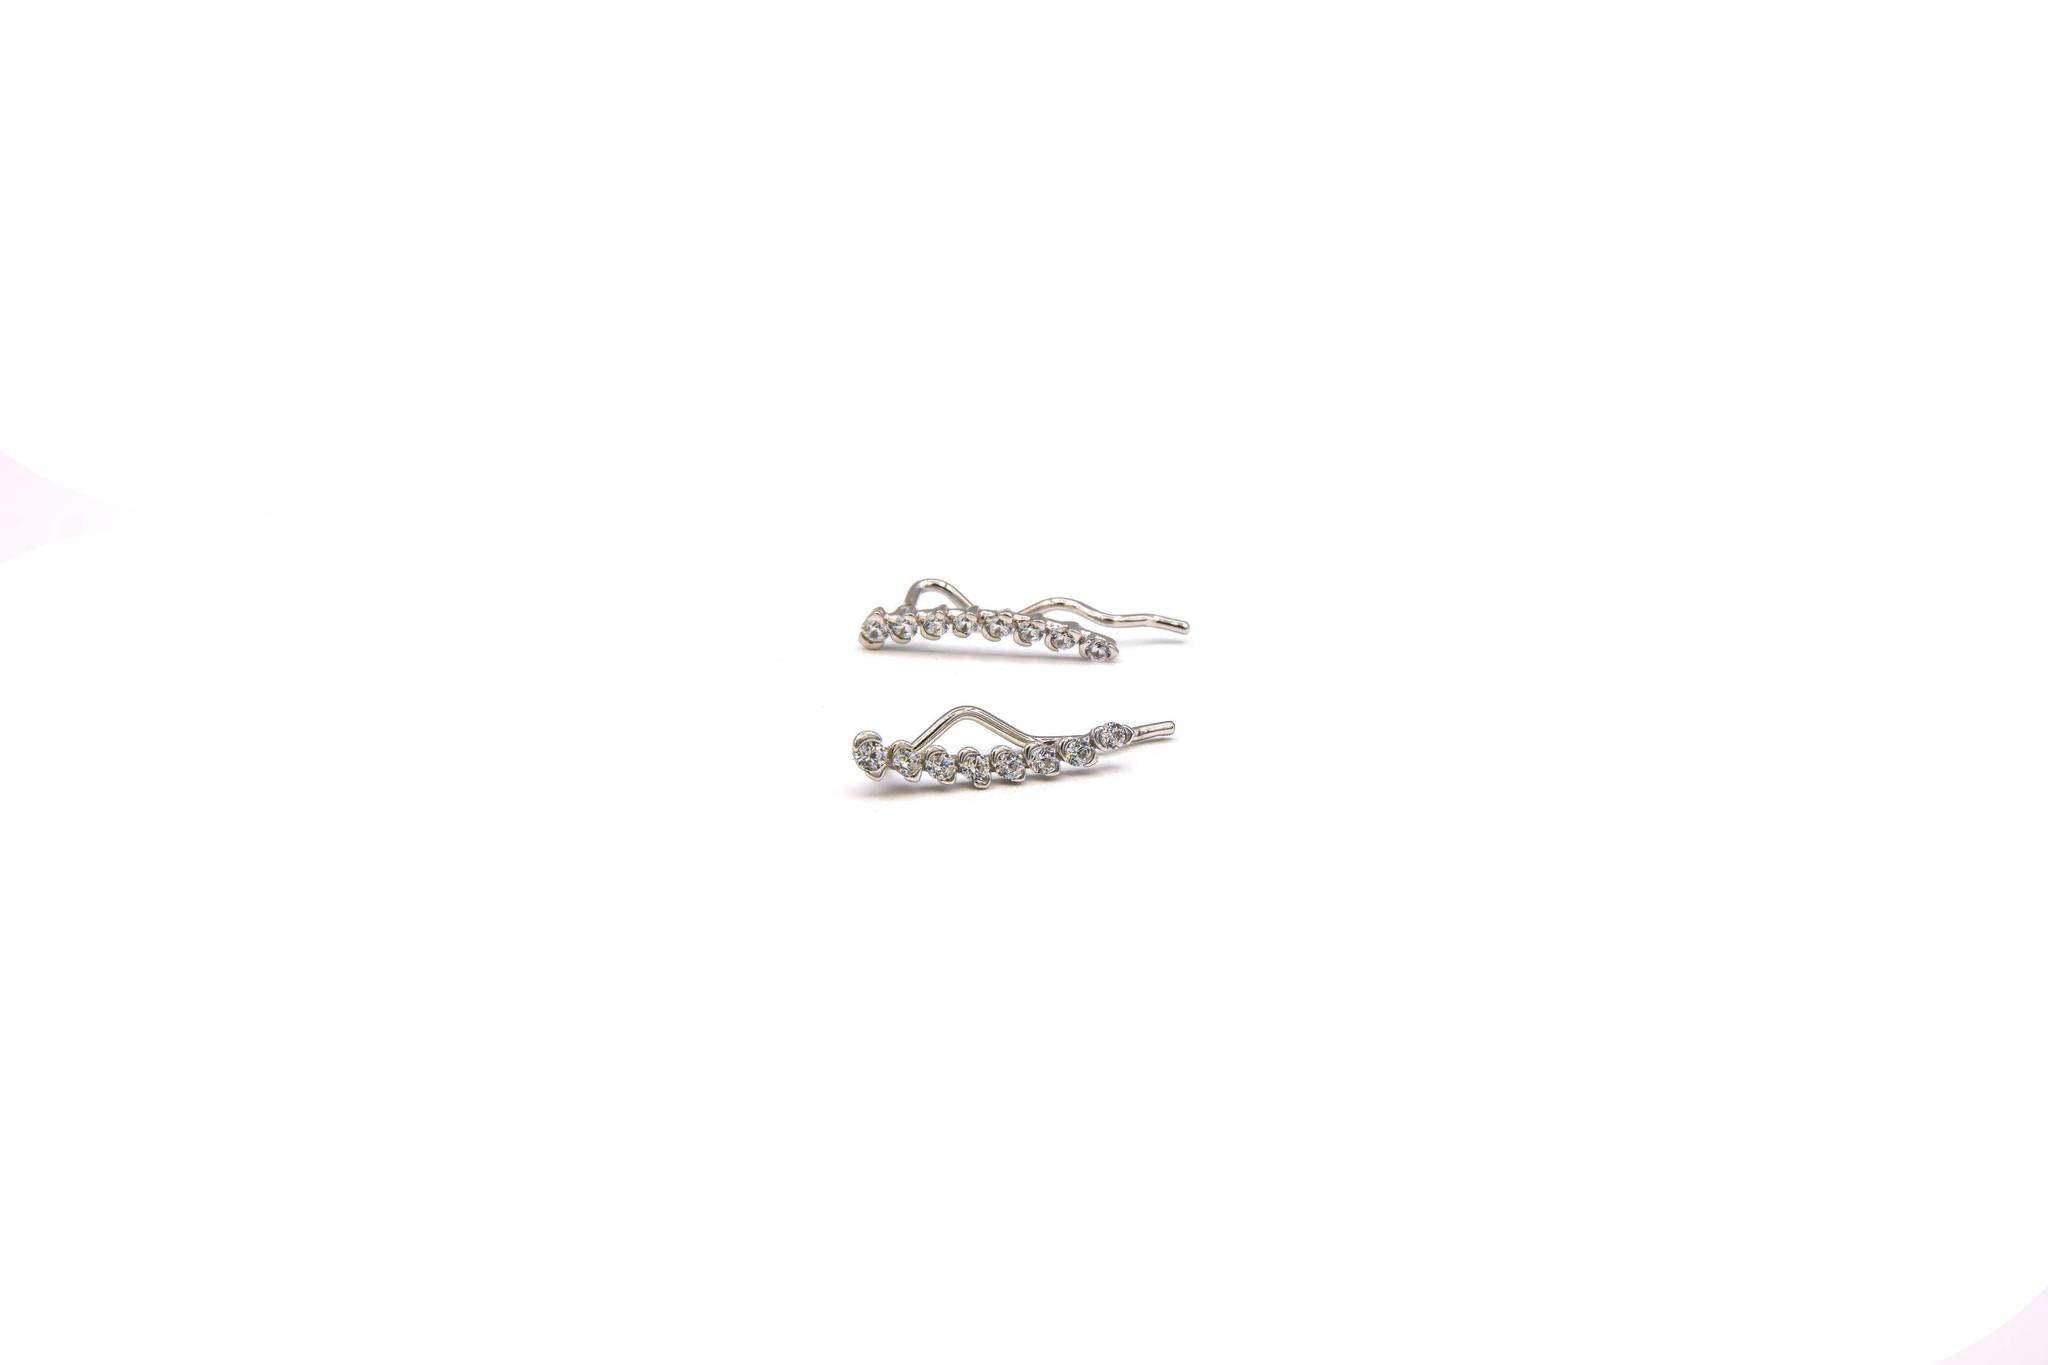 Oorbellen ear climber met zirkonia's witgoud, 1 oorbel, geen paar-3